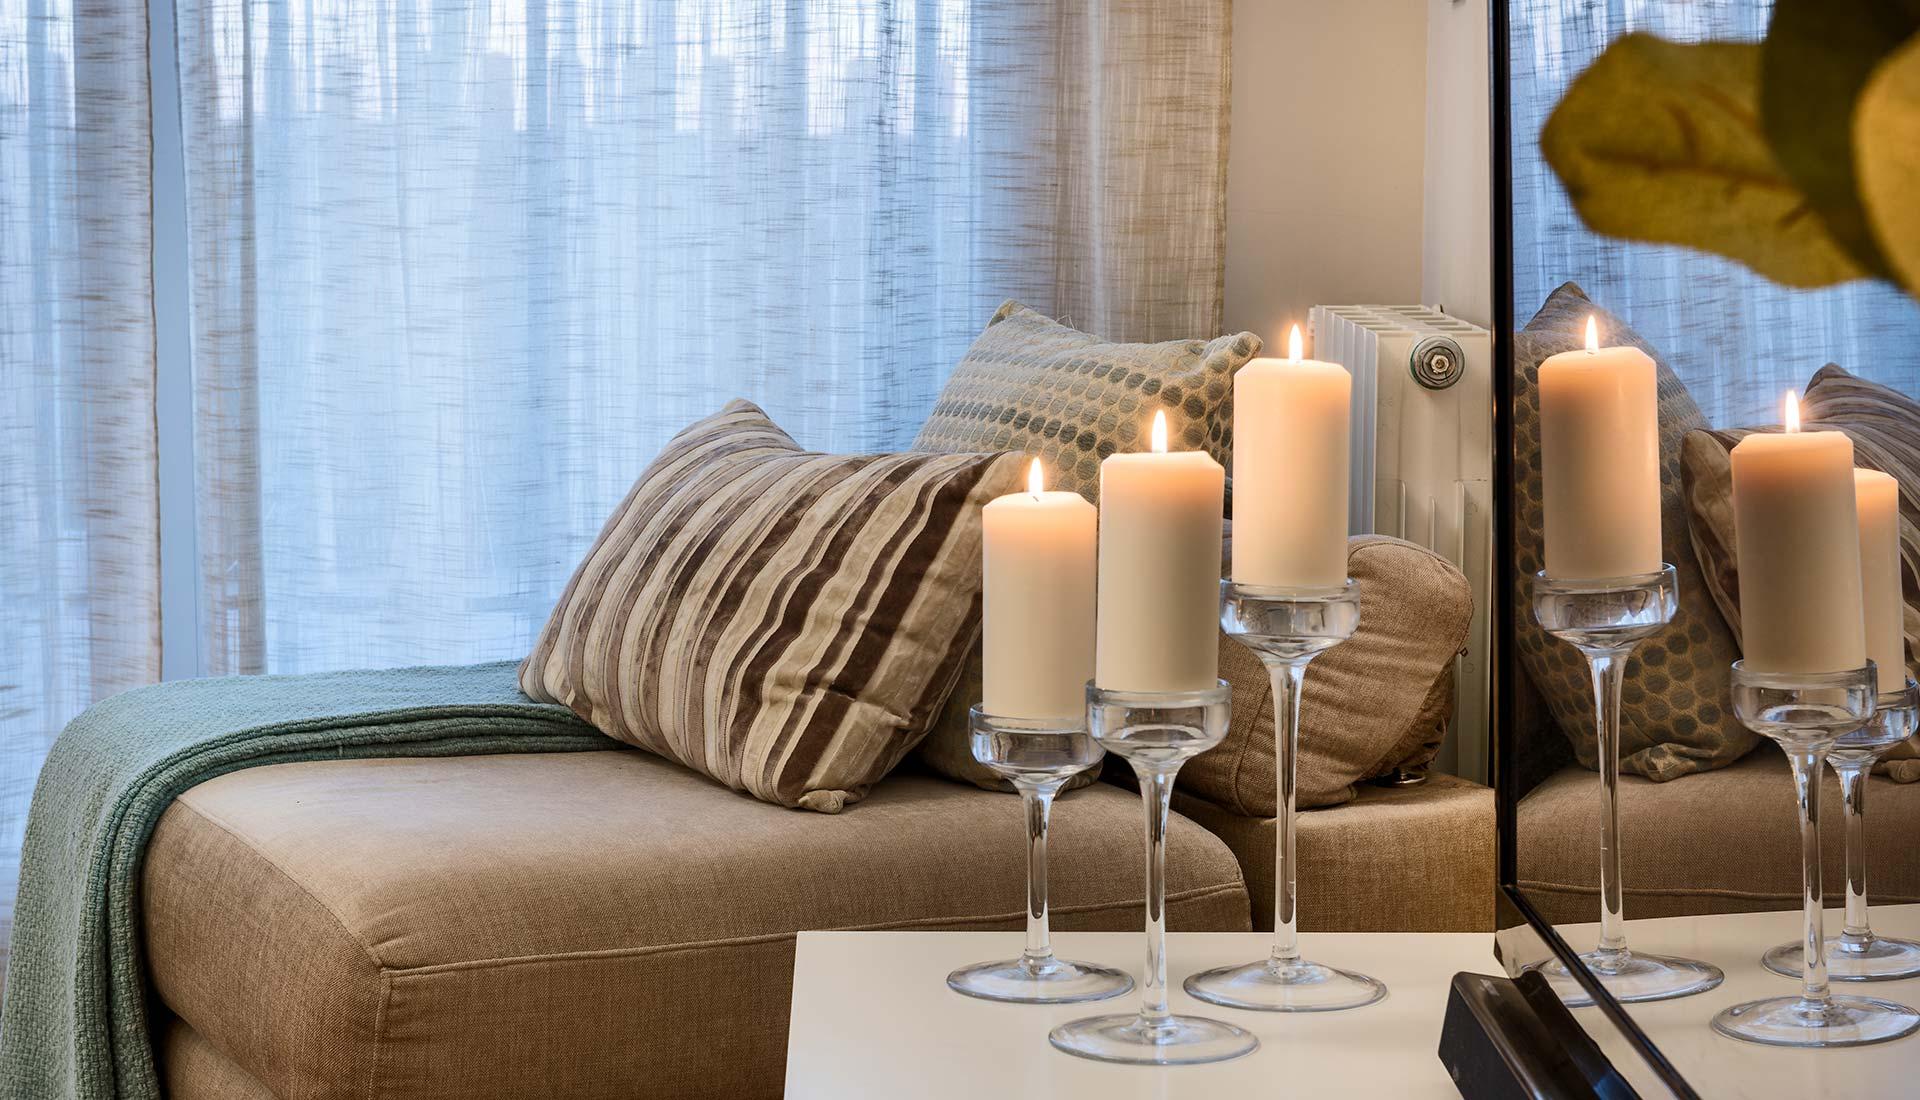 decoración de interiores velas